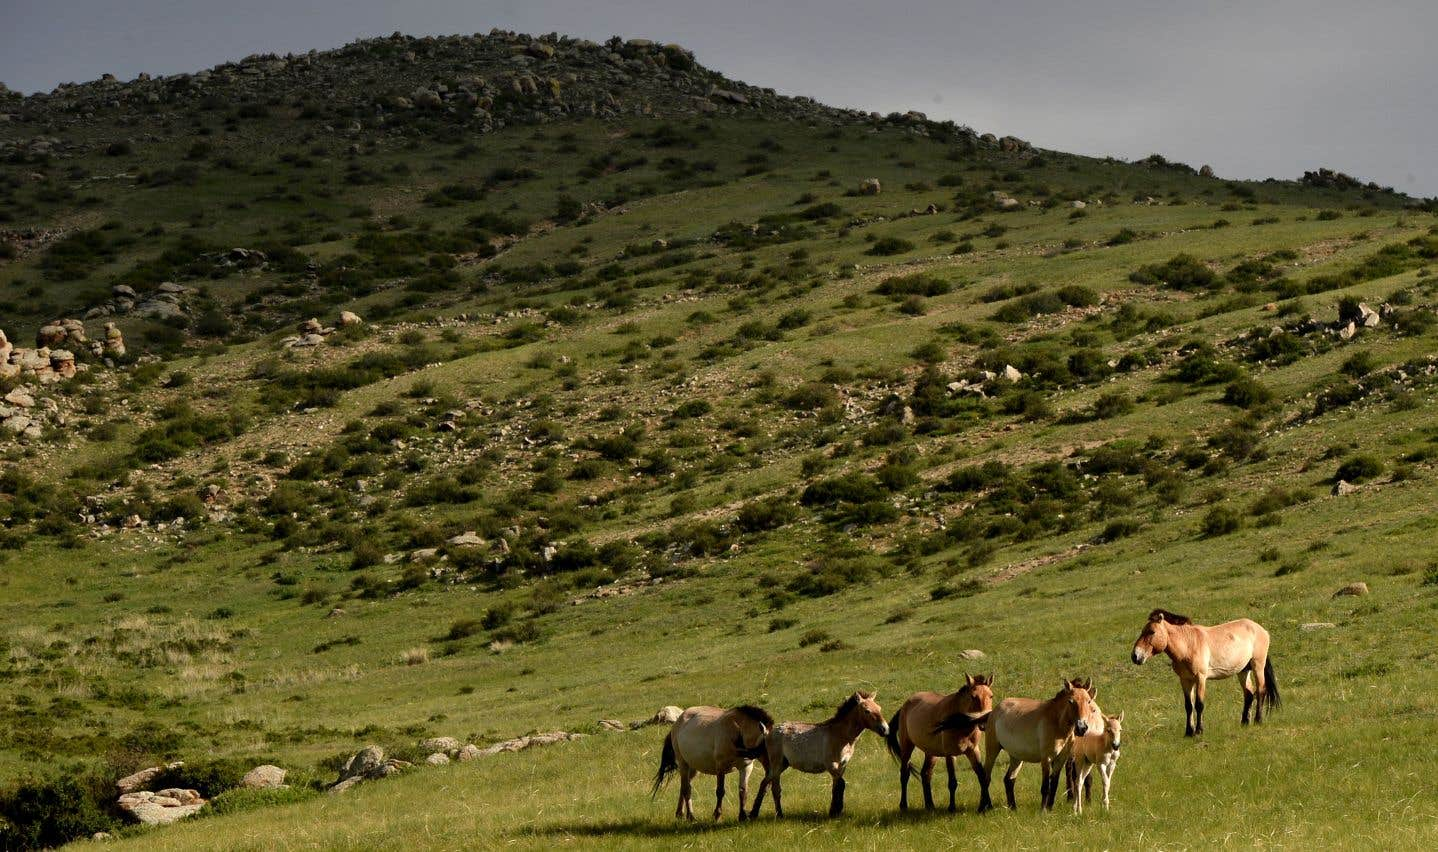 Les scientifiques ont découvert que les chevaux de Przewalski (ci-dessus en Mongolie) descendaient en réalité des chevaux de Botai, les équidés domestiqués connus les plus anciens.